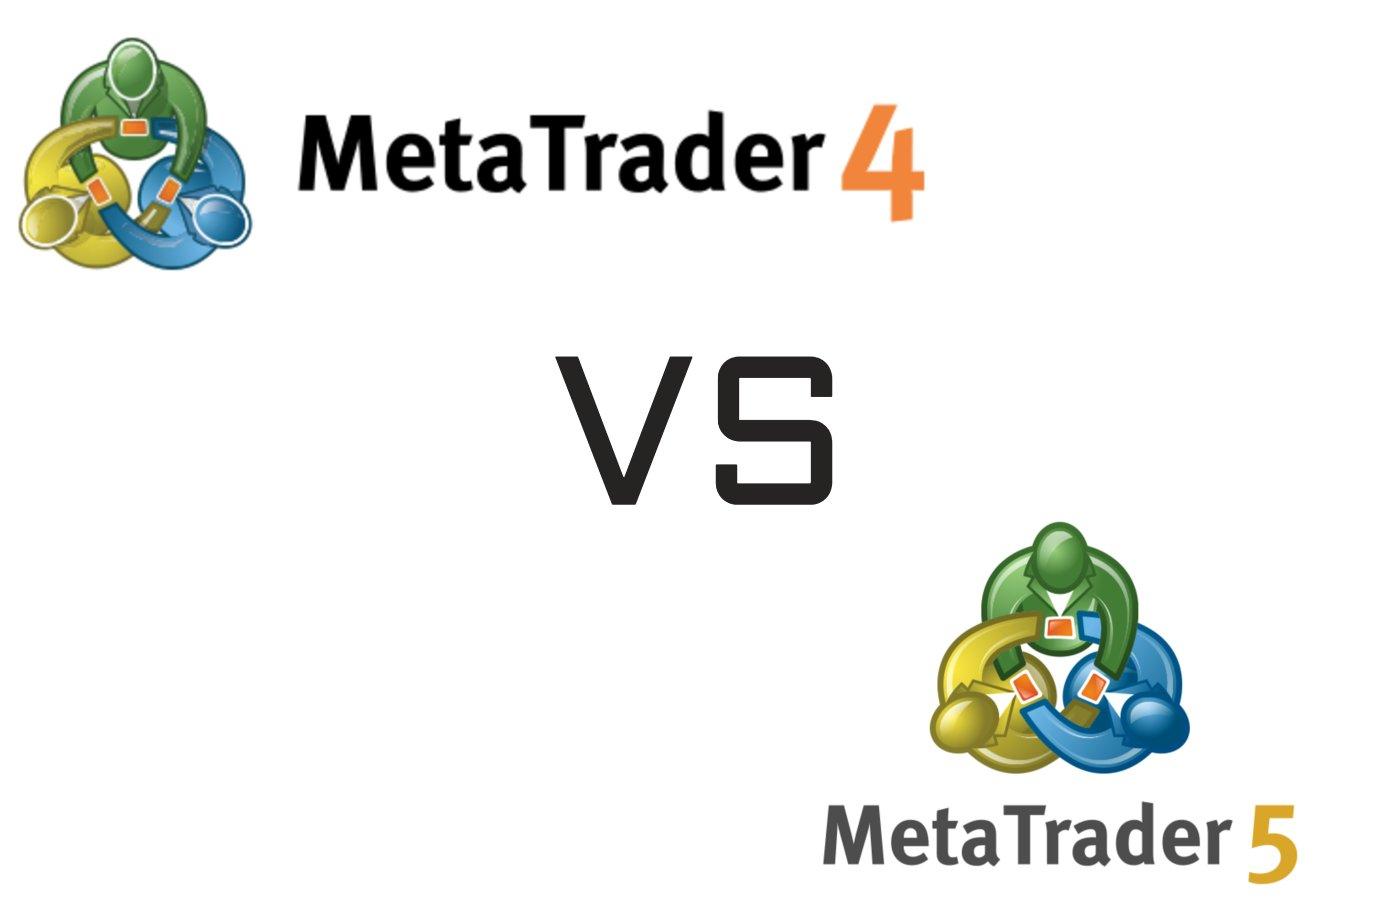 какая платформа лучше metatrader4 vs metatrader5